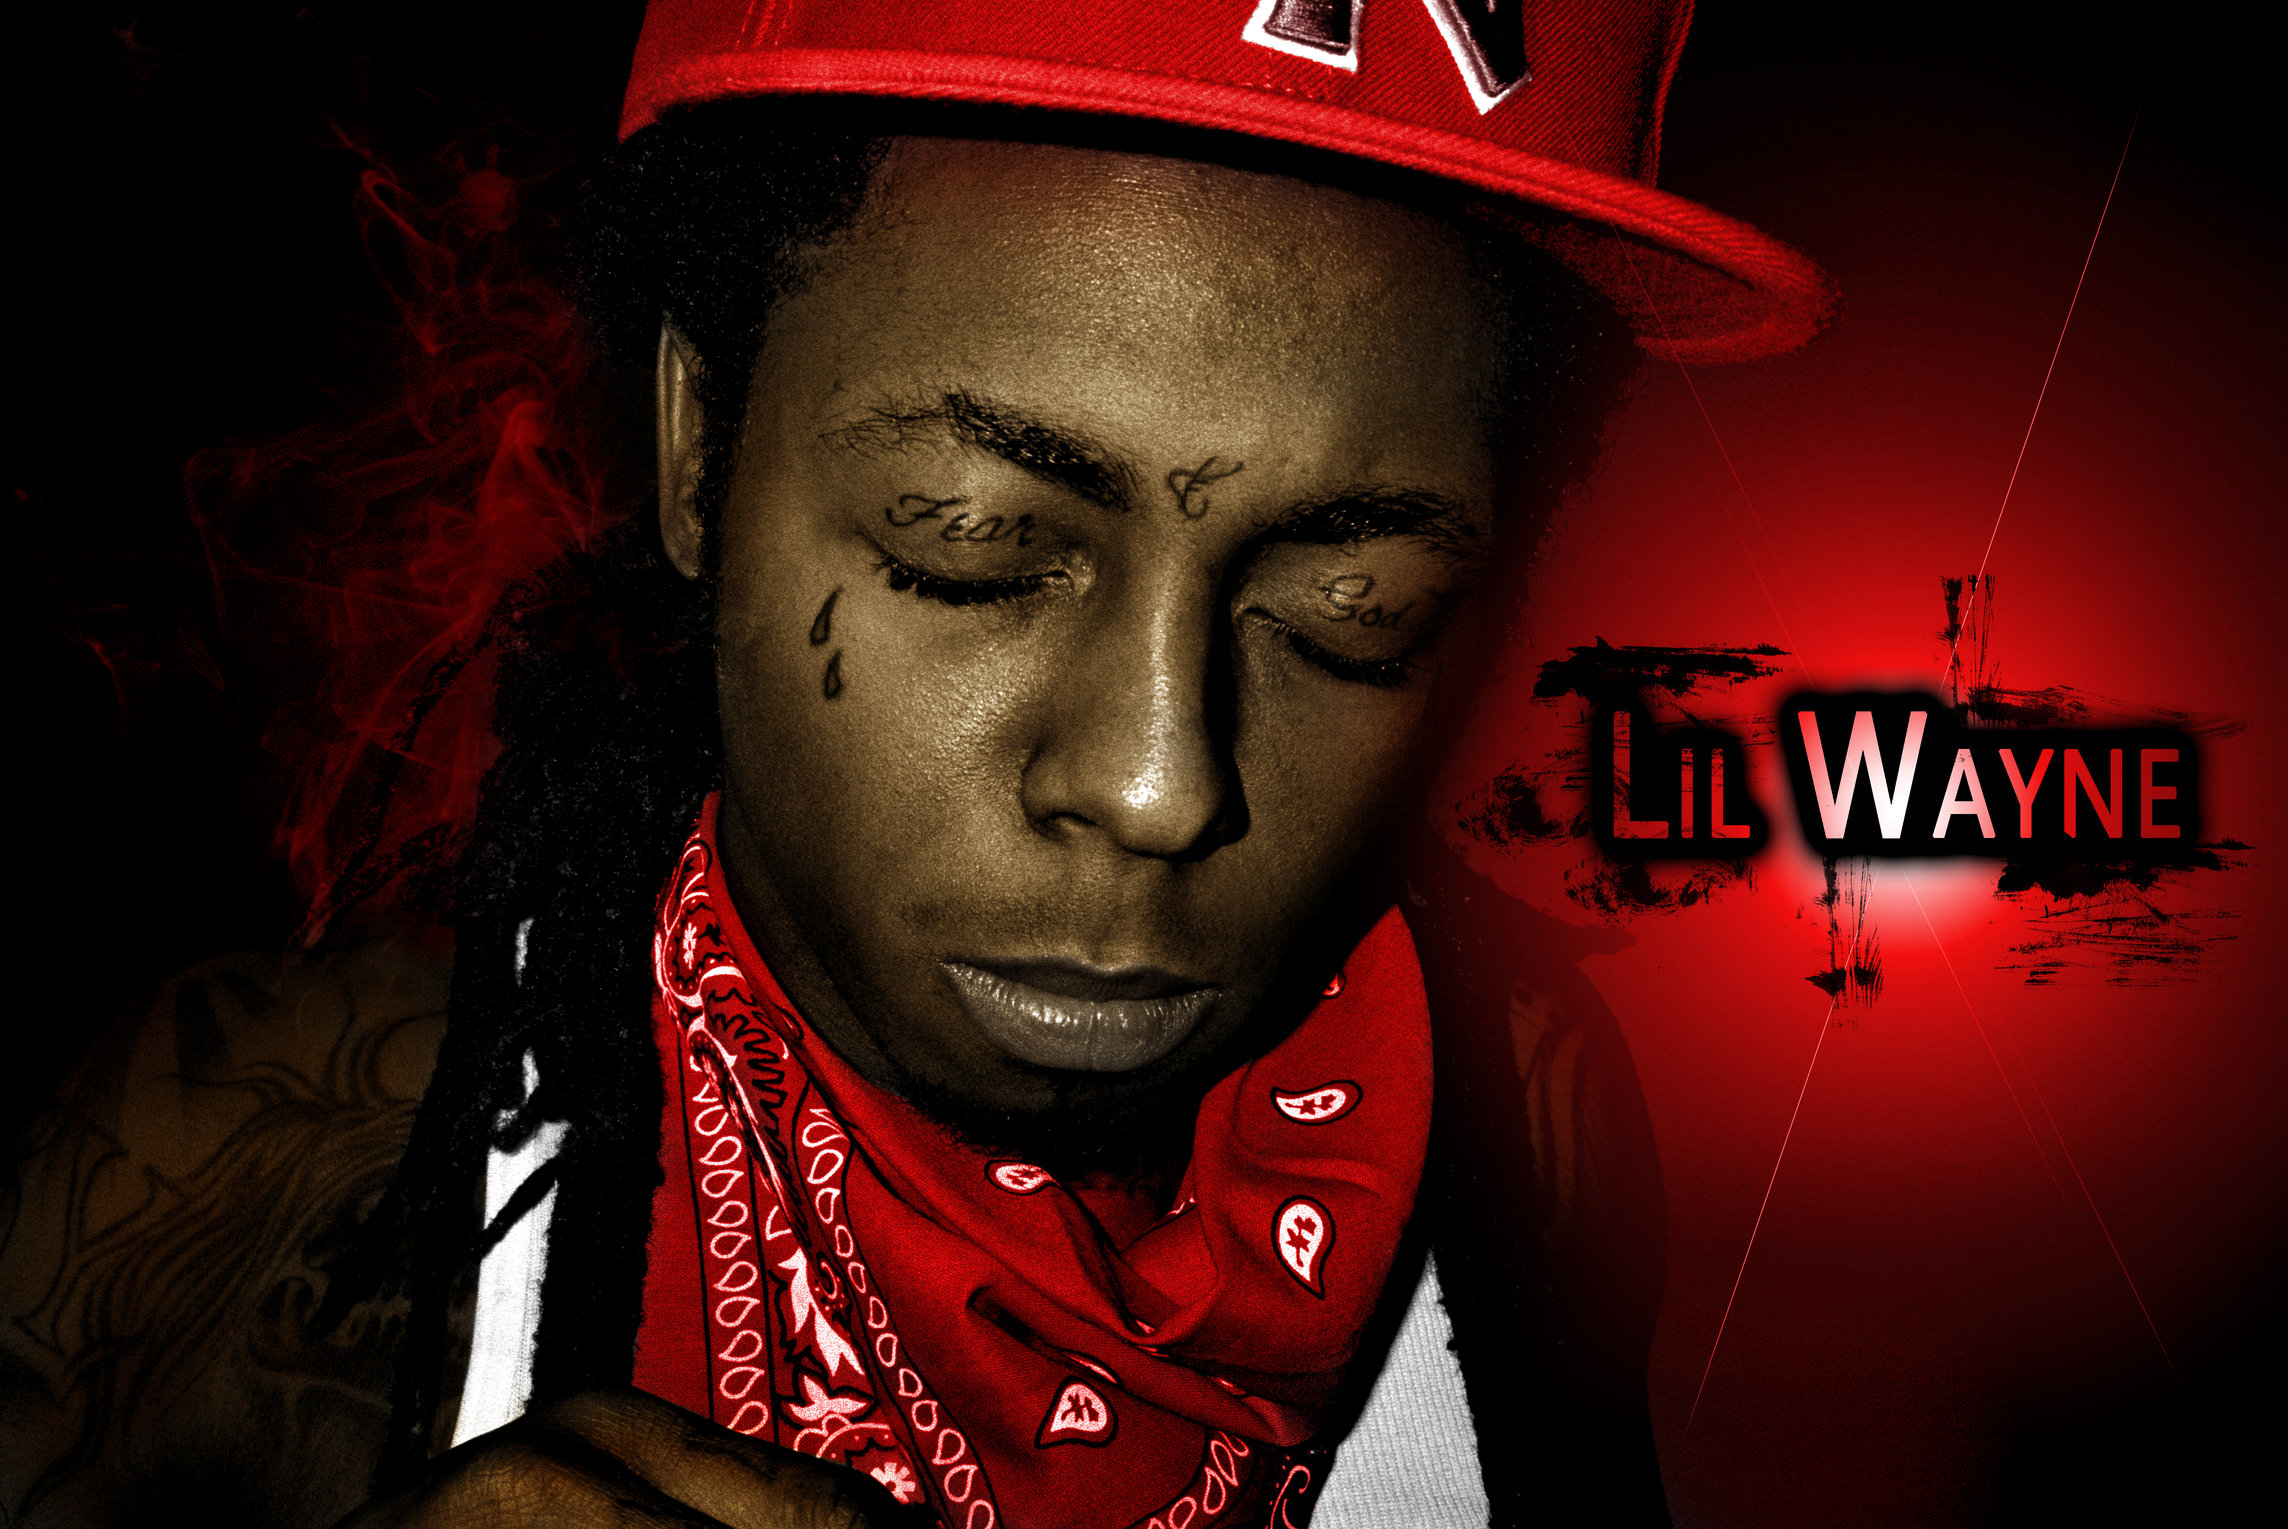 Lil Wayne Wallpaper by Zero1122 2288x1529